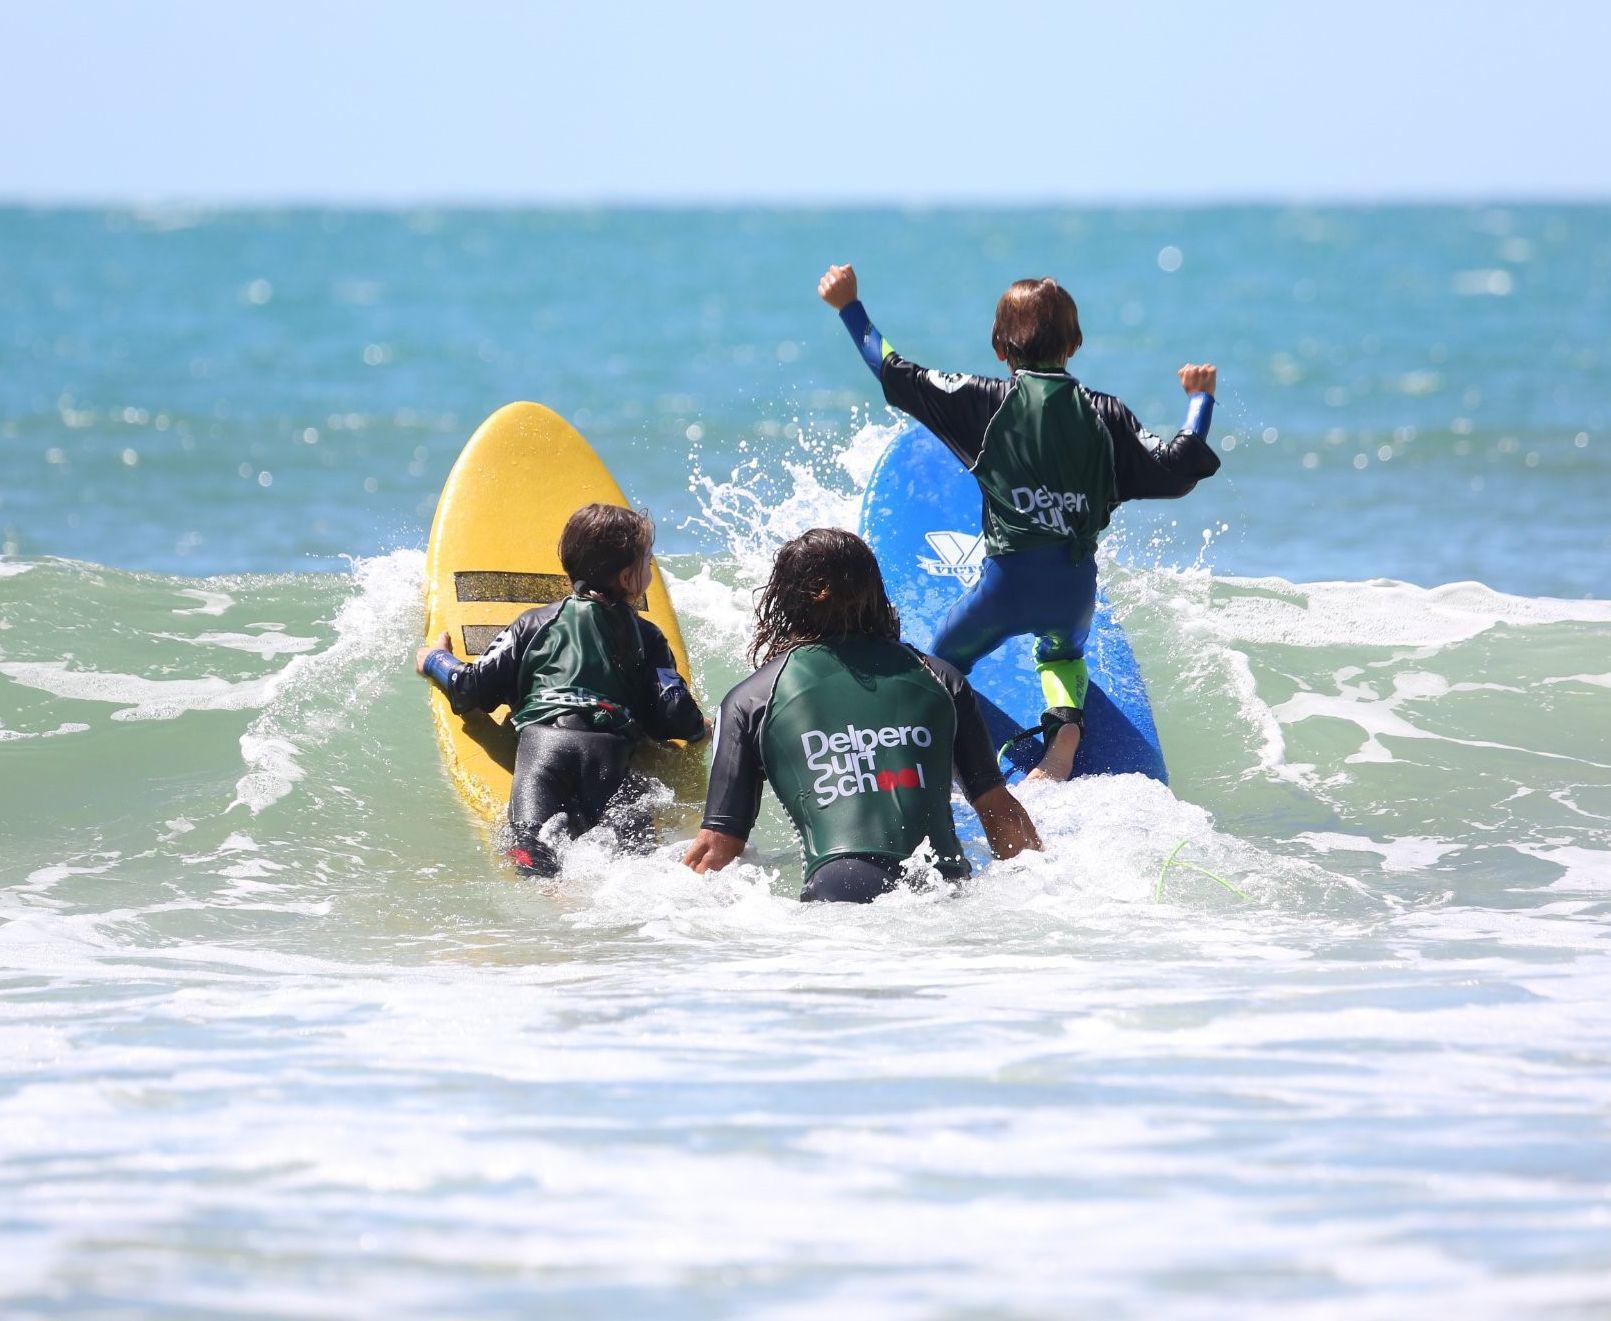 Delpero Surf Exeprience